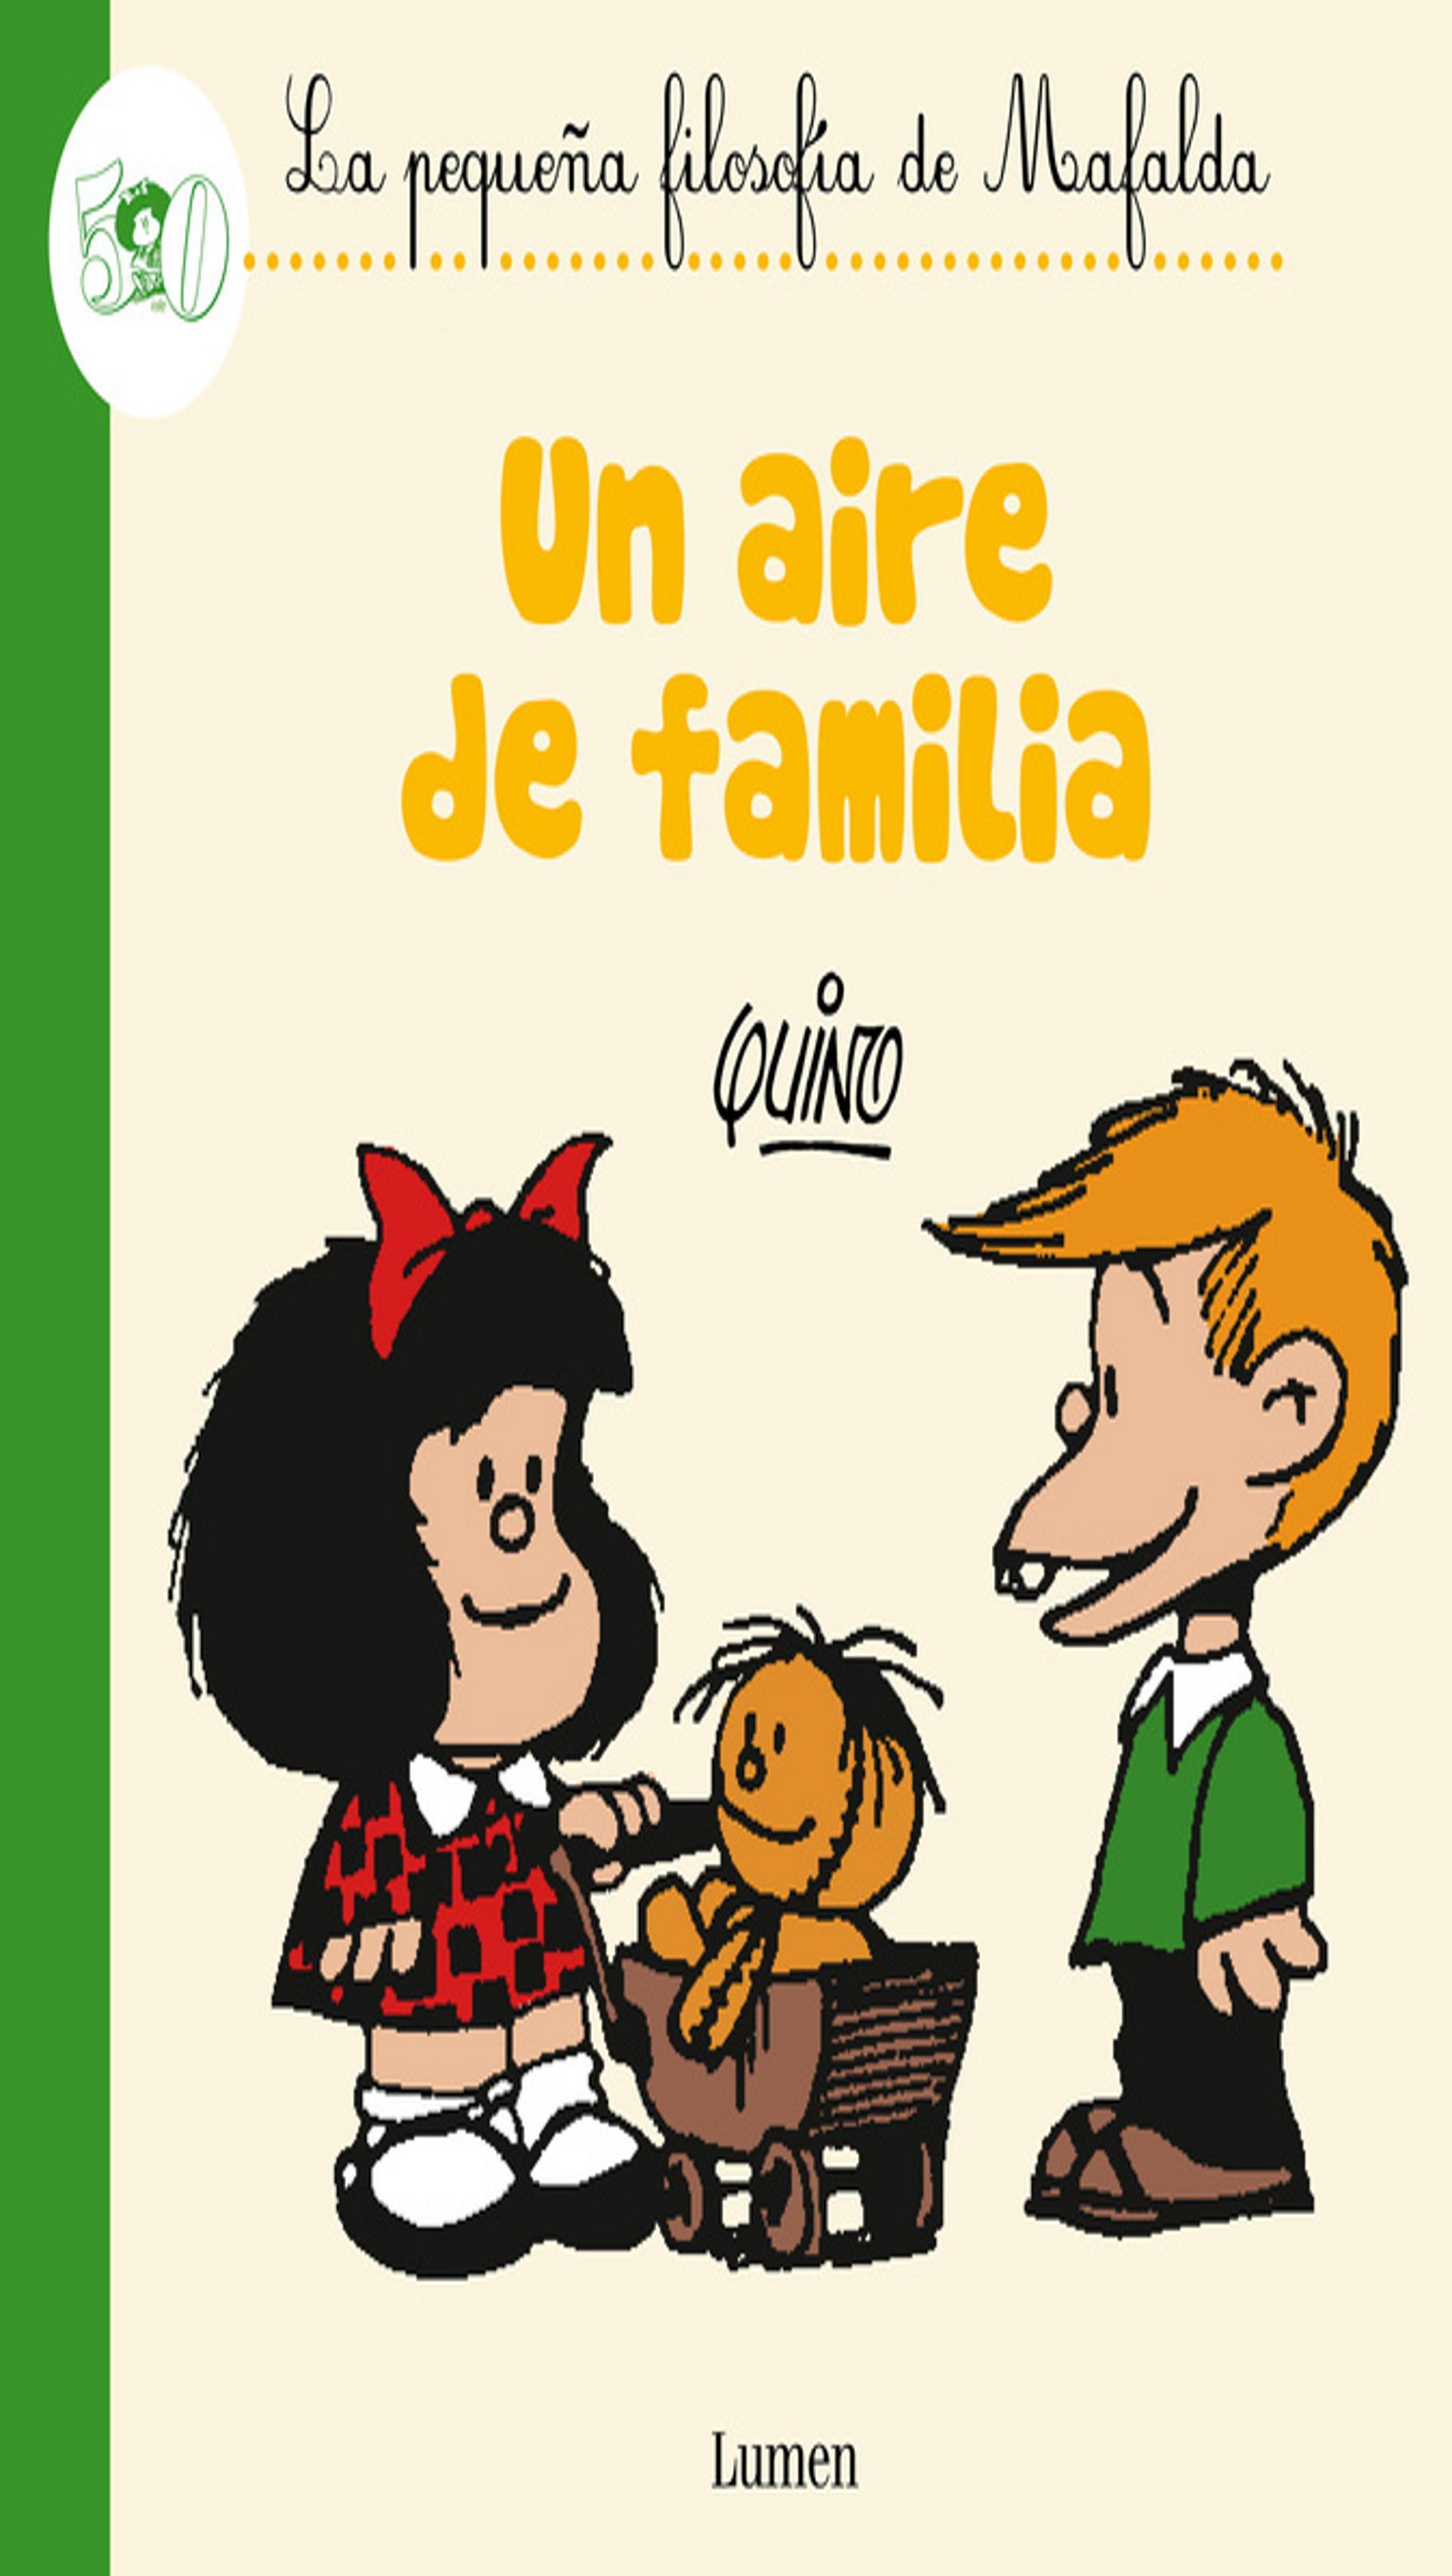 UN AIRE DE FAMILIA - Pequeña Filosofía de Mafalda